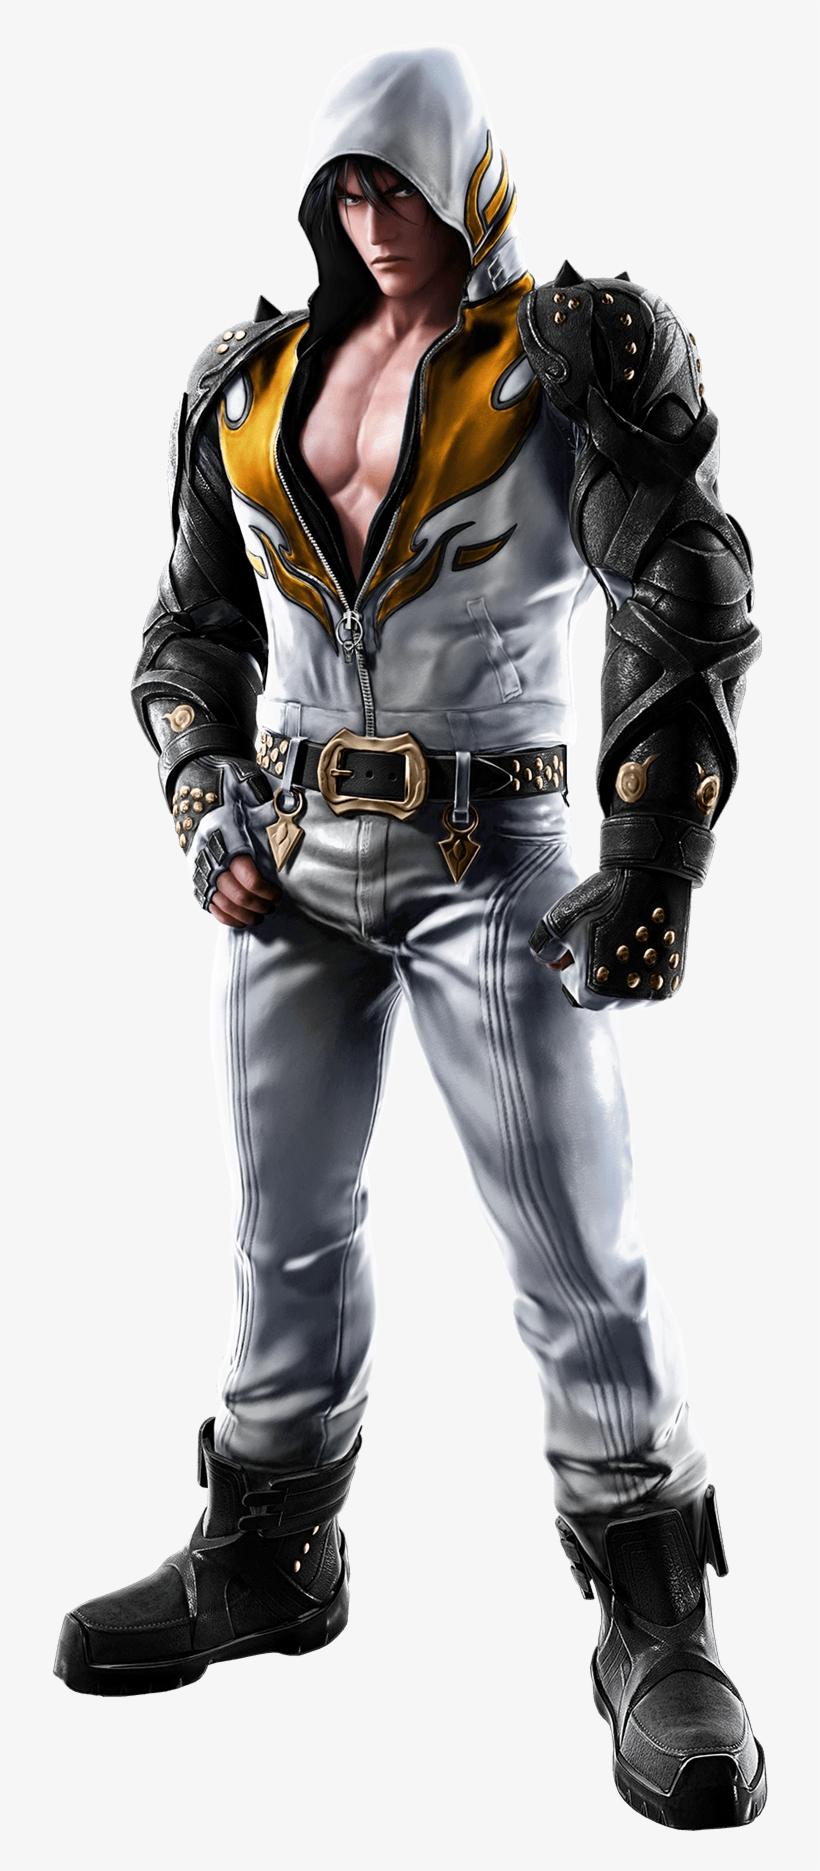 Jin Kazama Tekken 7 Alternative By Blood Huntress On Tekken 7